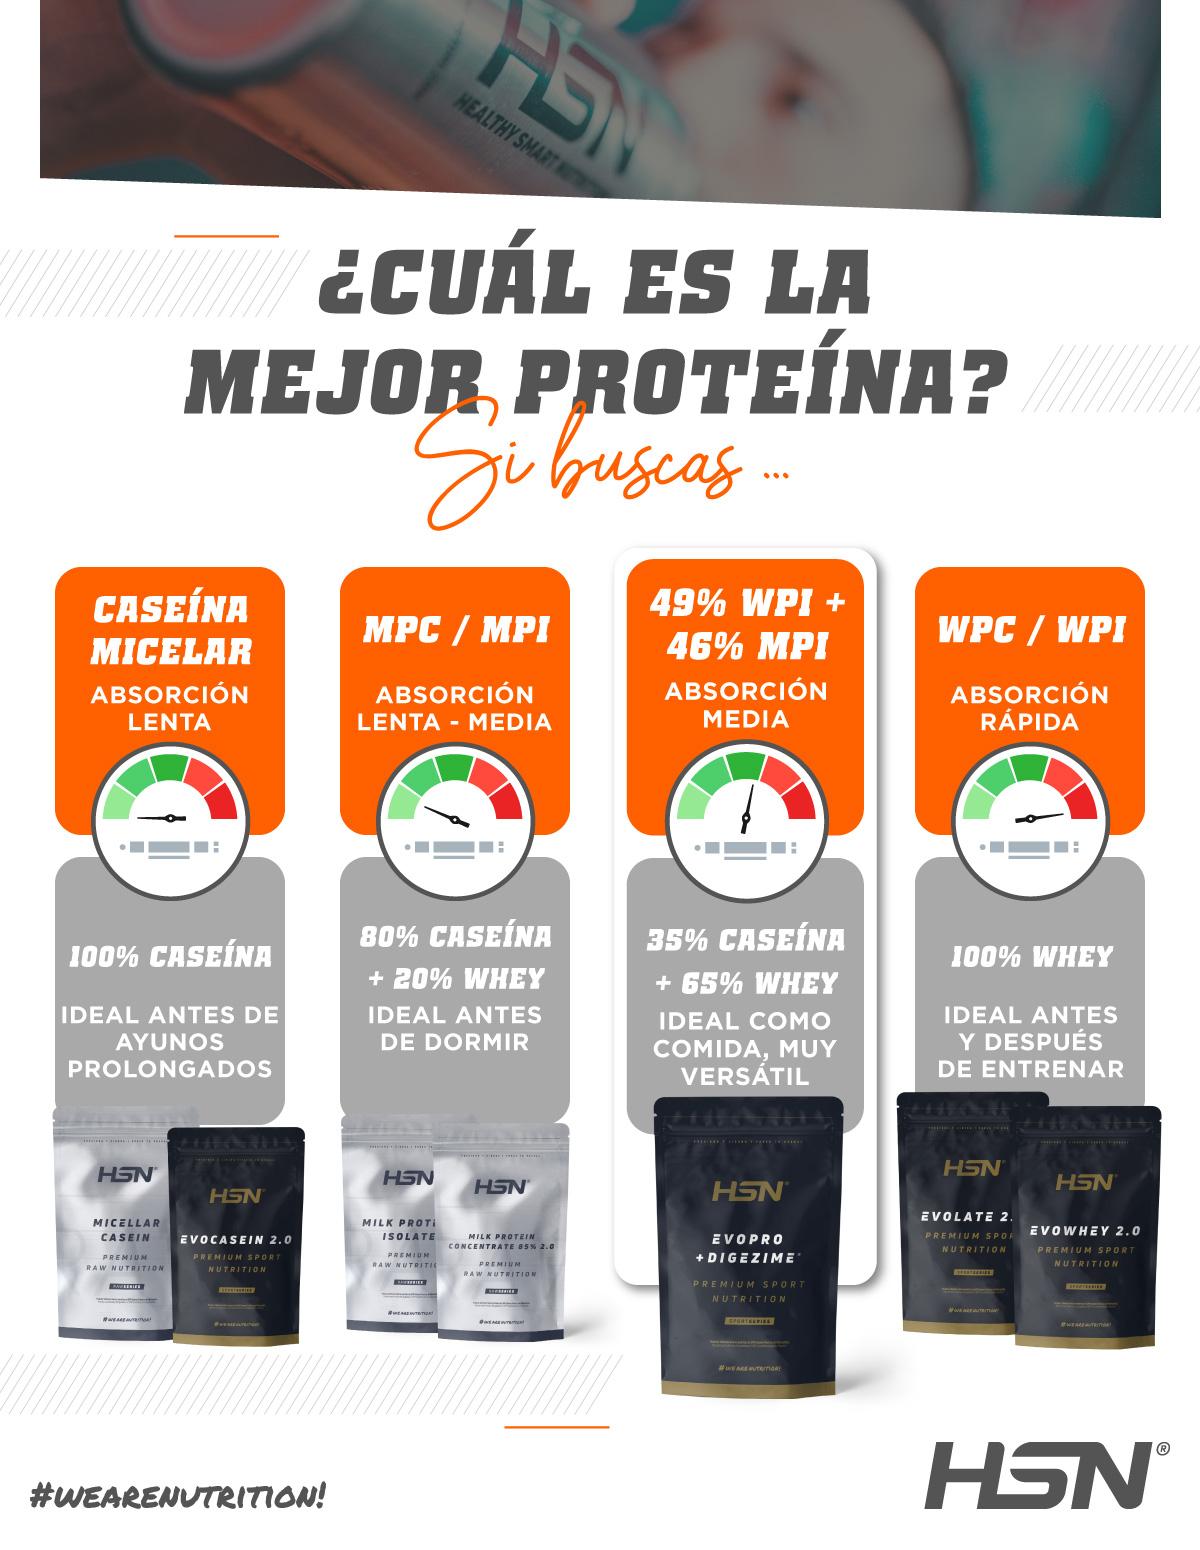 ¿Cuál es la mejor proteína? HSN